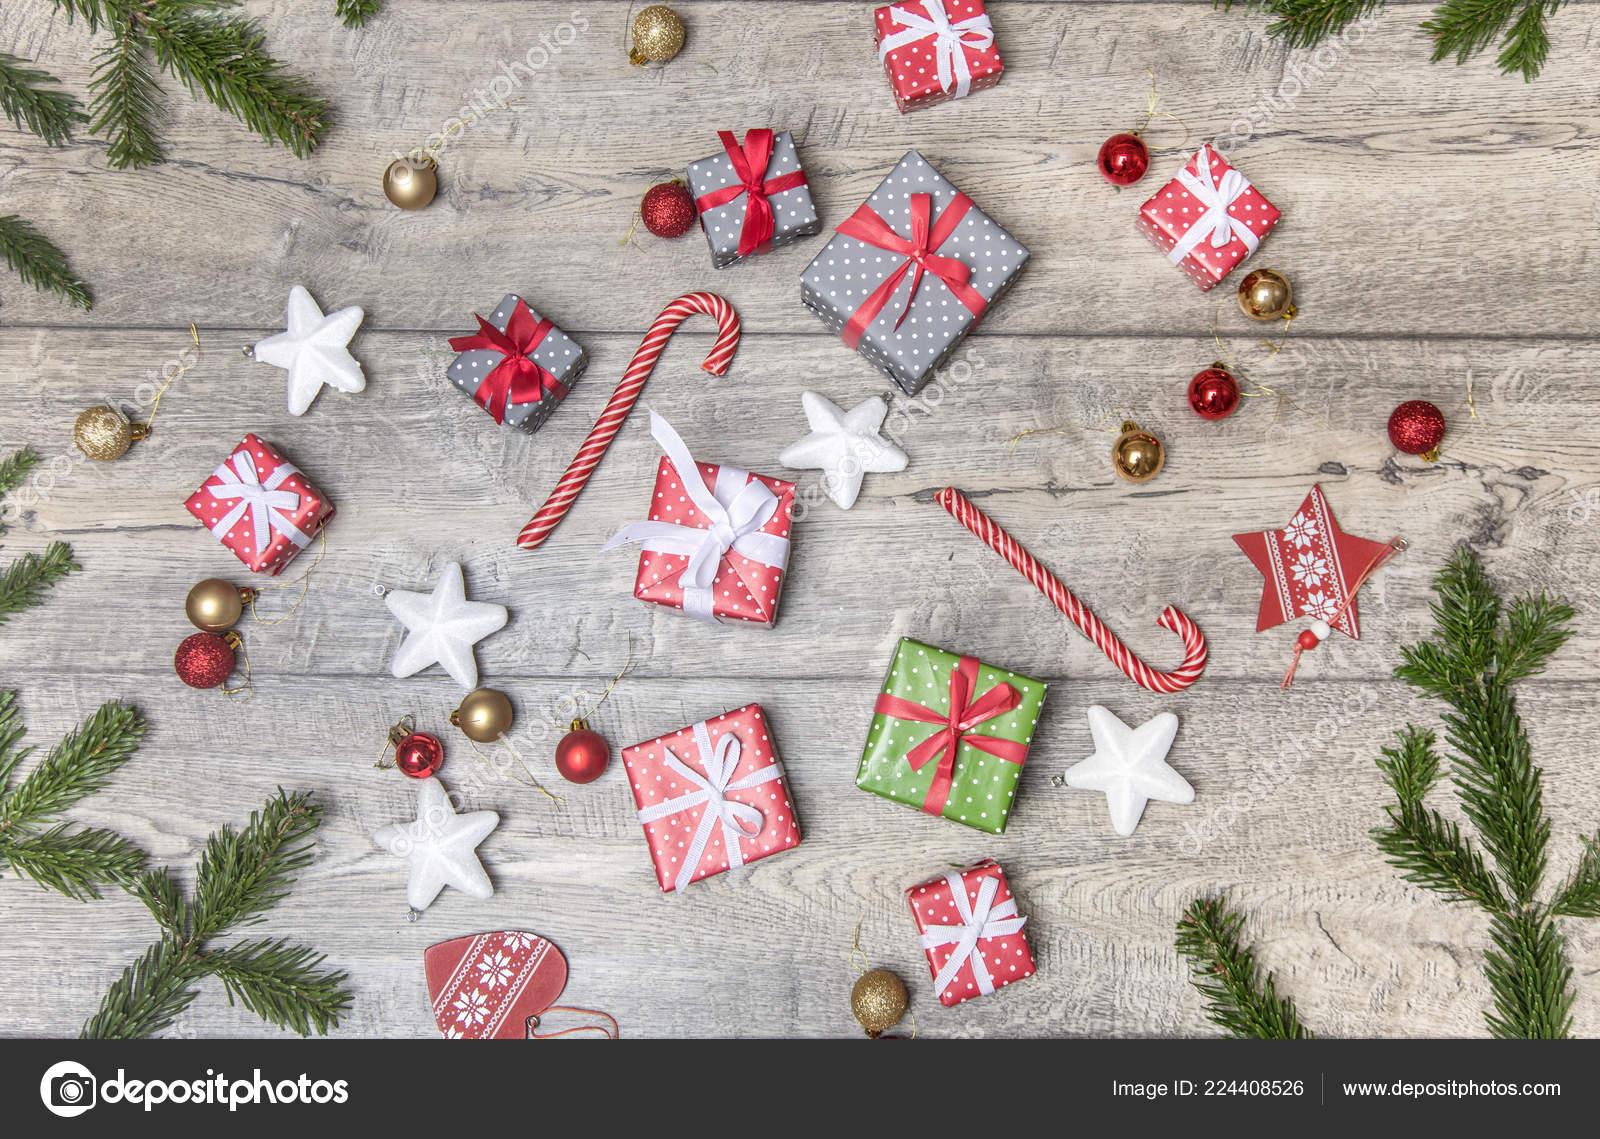 Accessori Natale.Bella Serie Accessori Natale Natale Albero Rami Regali